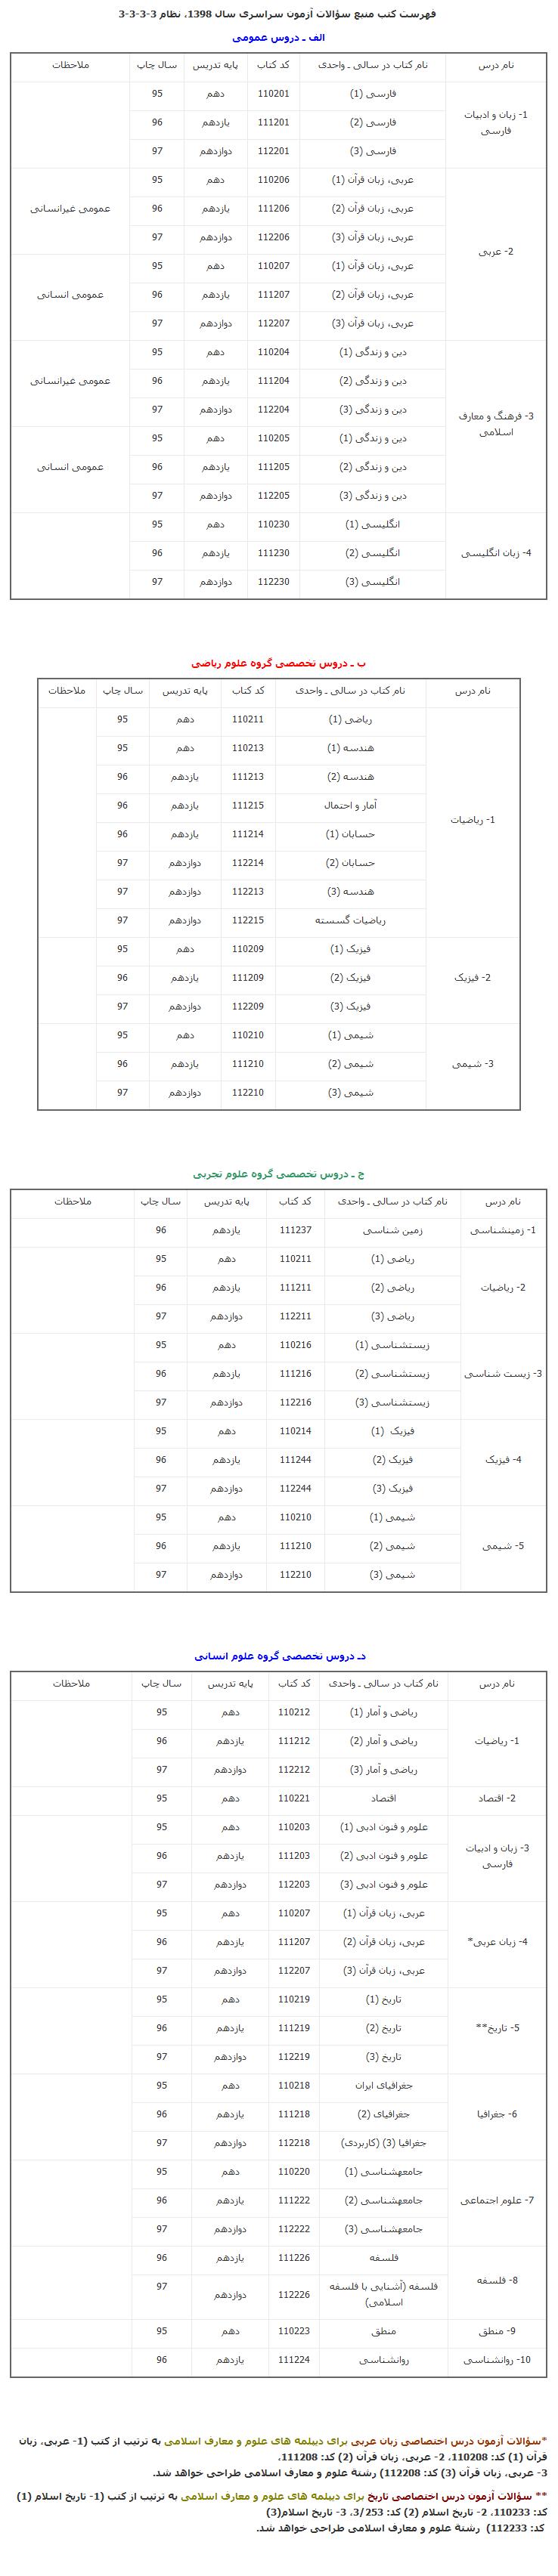 جدول دروس کنکور سراسری 98